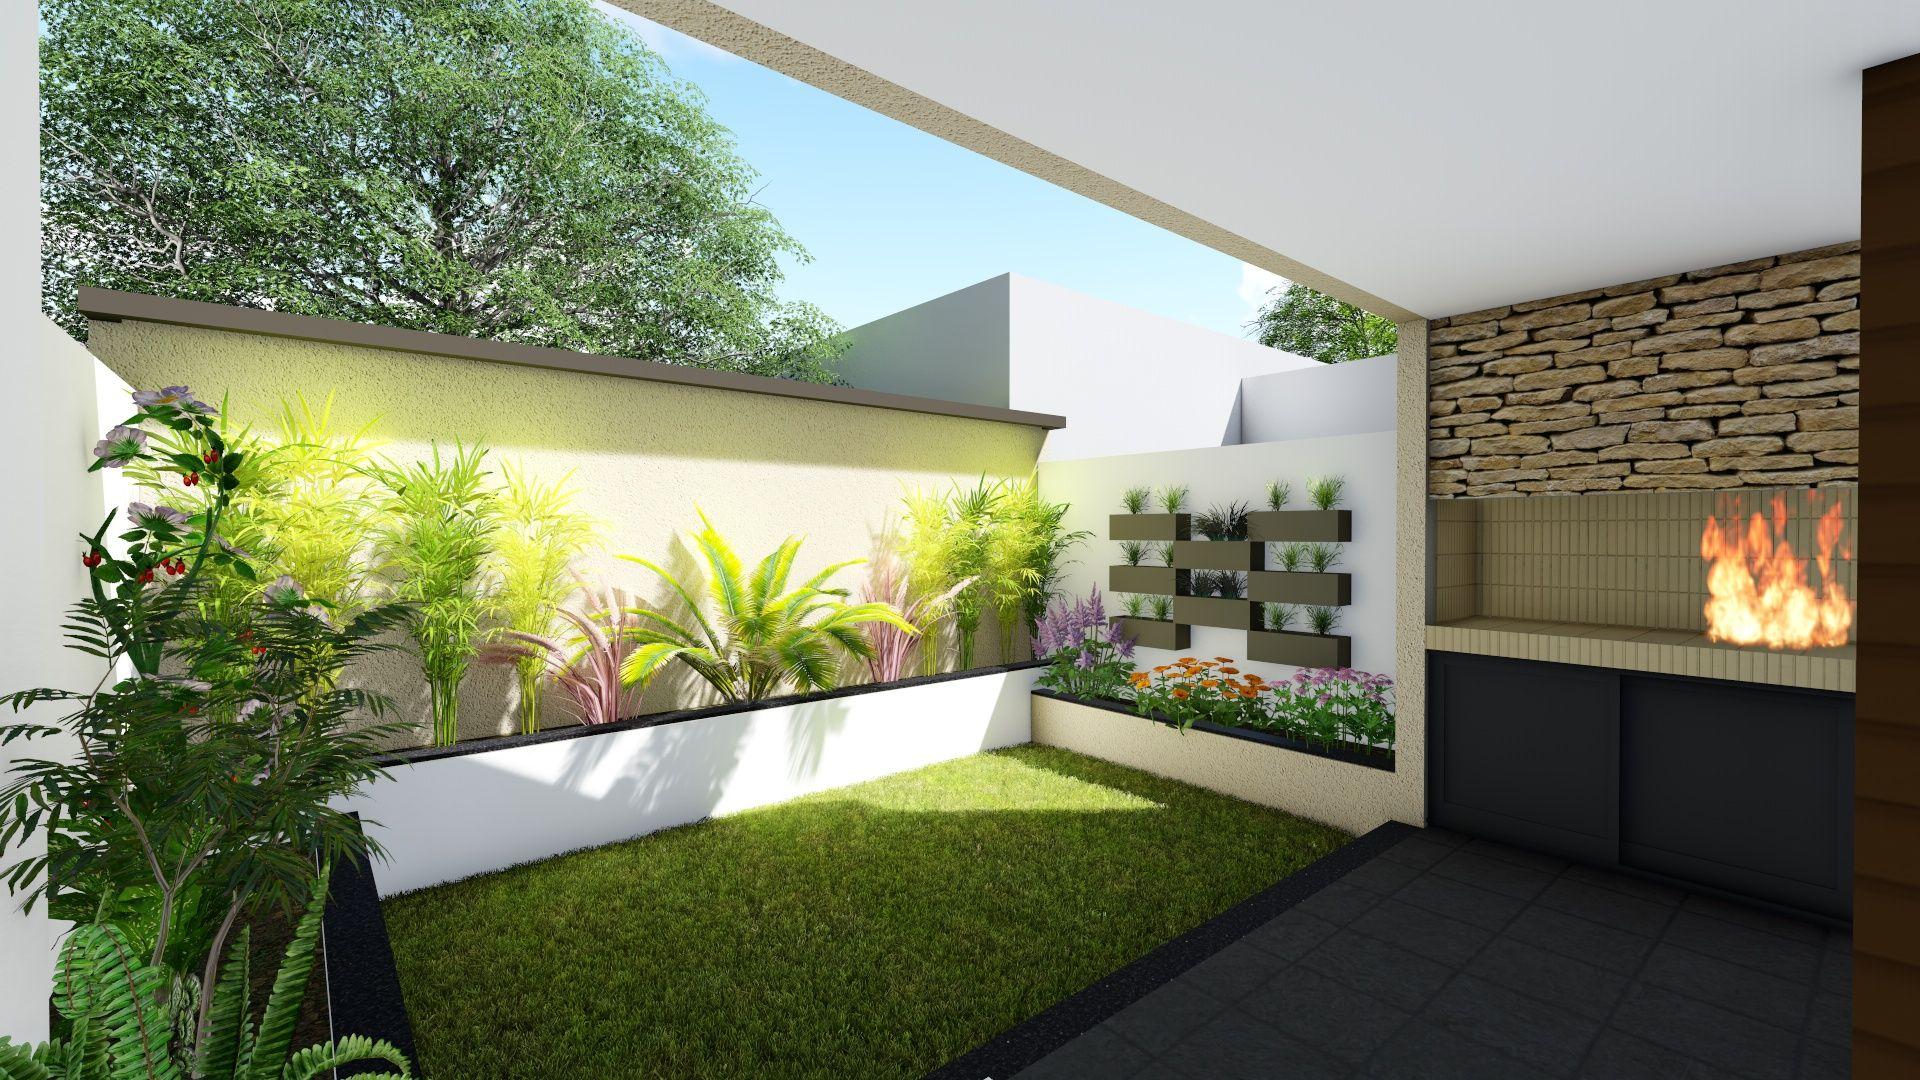 Casa en ph barrio 30 de octubre rafaela santa fe - Jardines exteriores de casas modernas ...